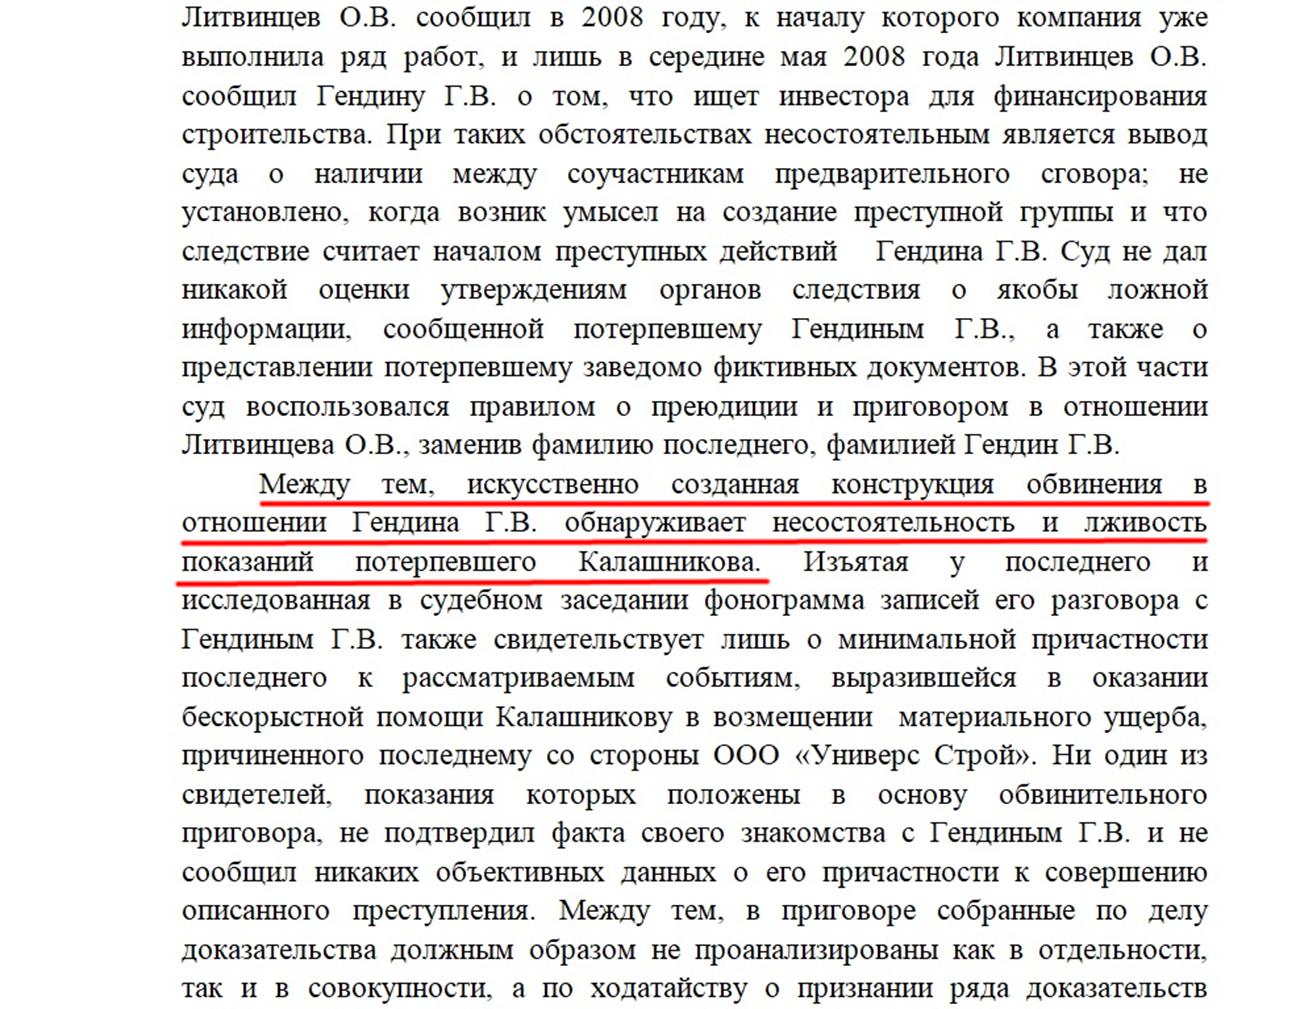 """ТО, ЧТО ОТ НАС СКРЫЛИ О ДЕПУТАТЕ ГОСДУМЫ: ДЬЯВОЛЬЩИНА НА """"БЕРЕГУ АНГЕЛОВ"""" россия"""